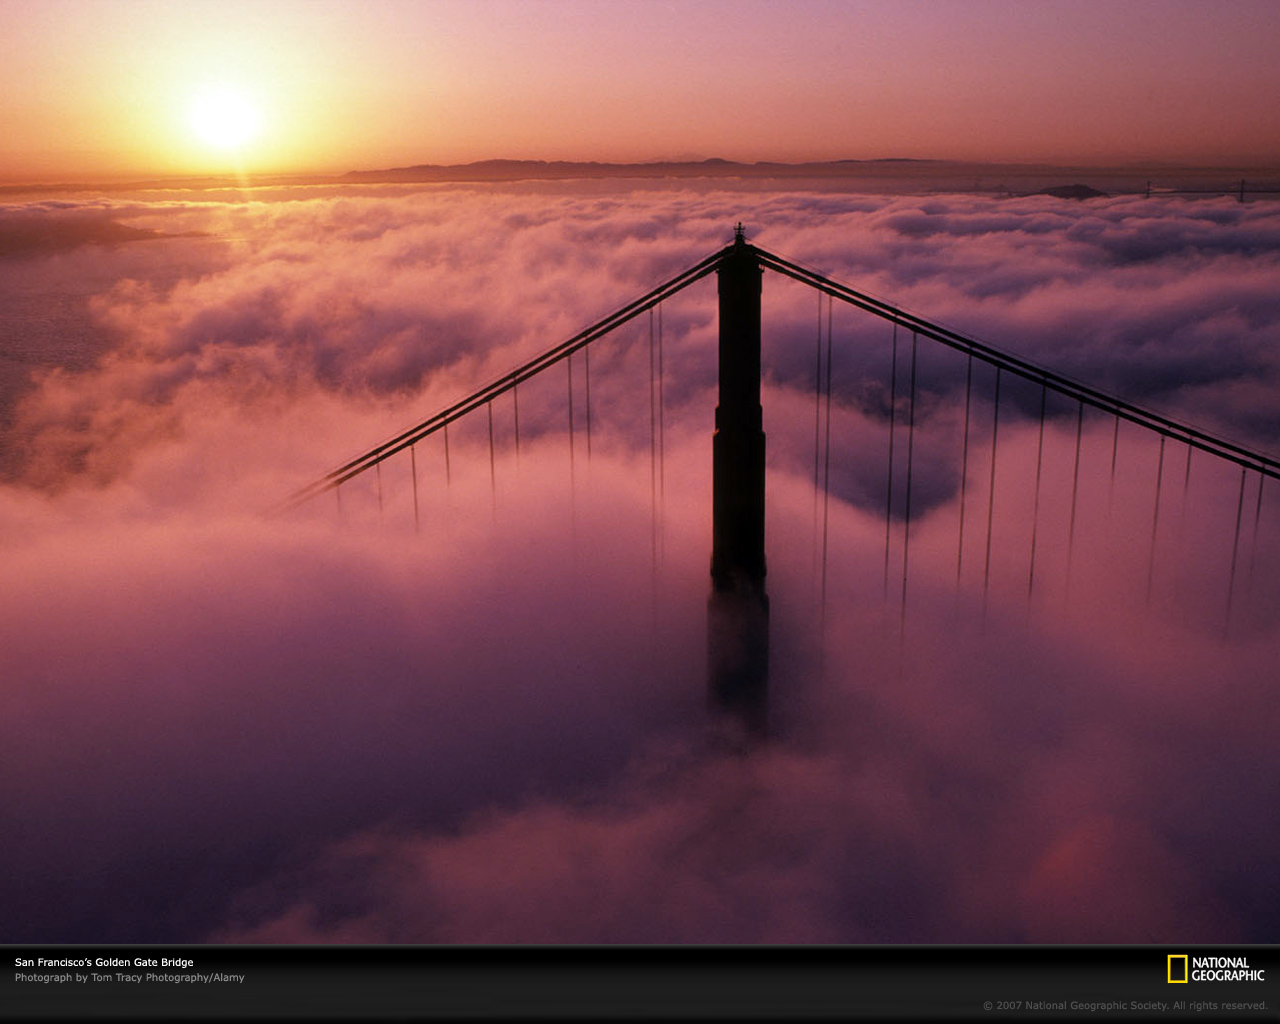 Мост в облаках, скачать фото, обои для рабочего стола